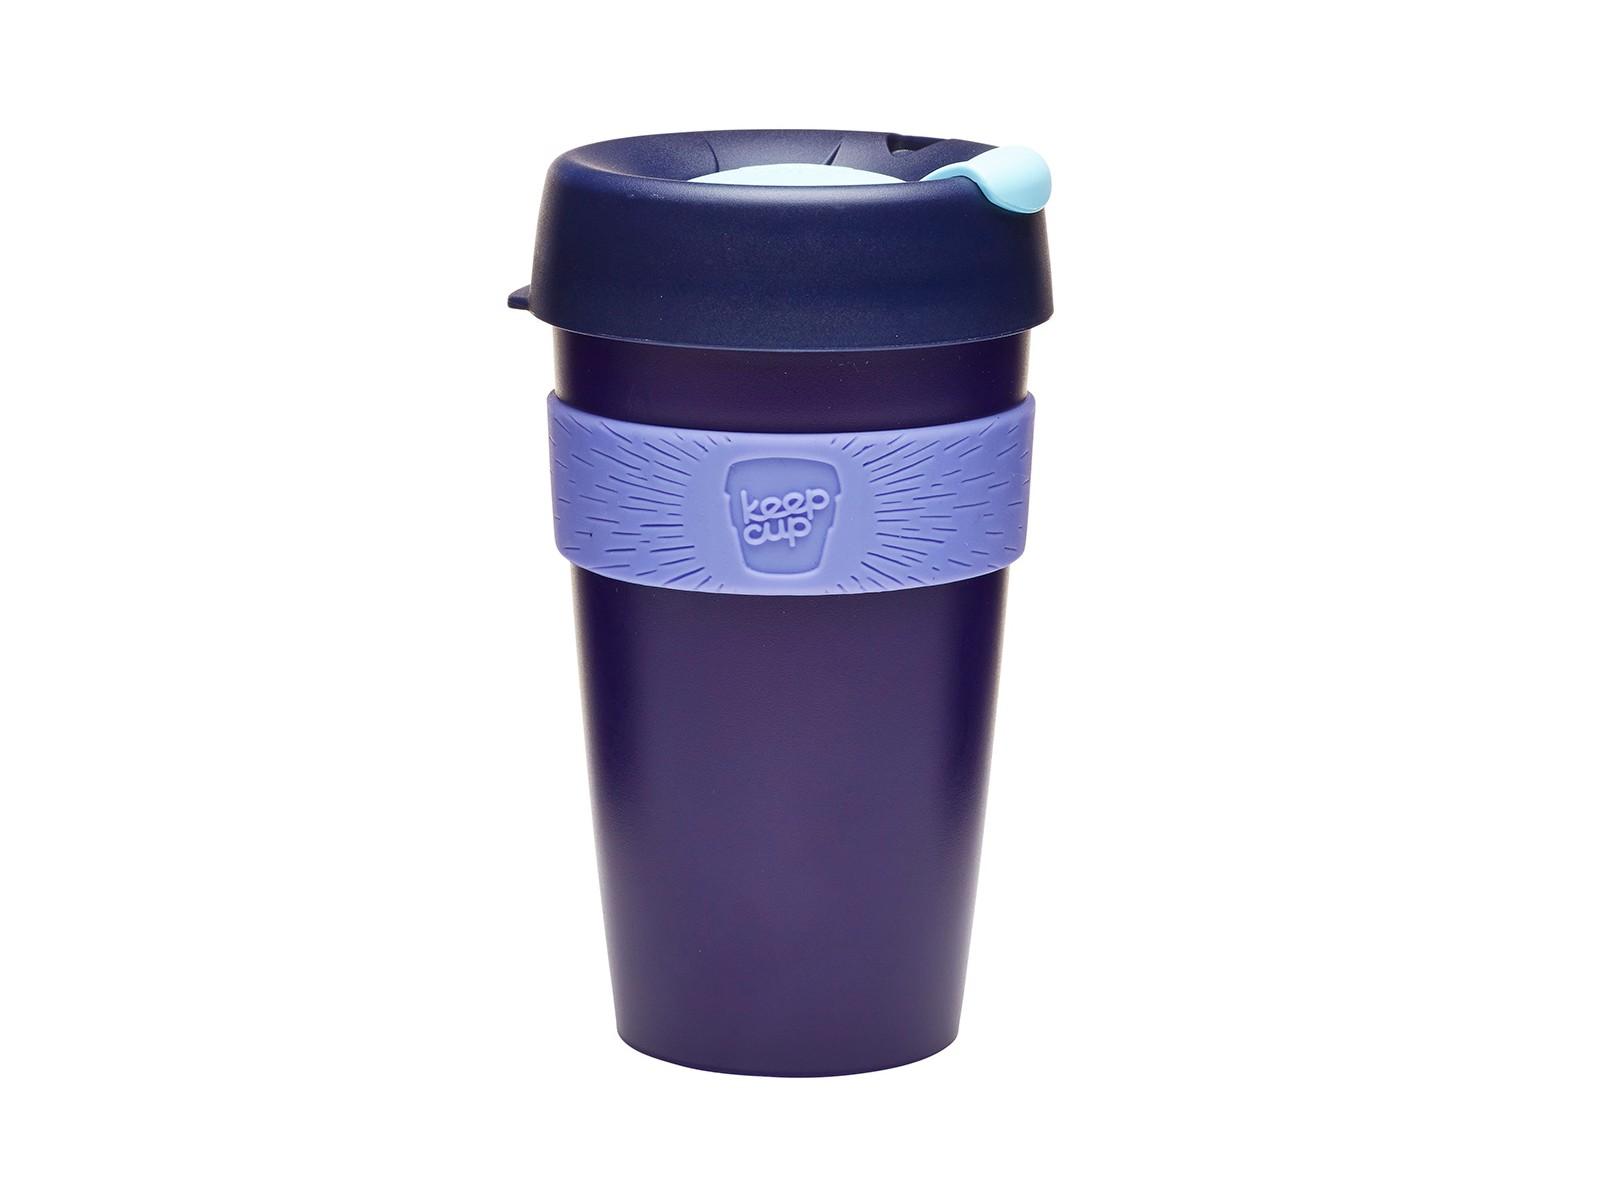 Кружка Keepcup blueberryЧайные пары, чашки и кружки<br>Кружка, созданная с мыслями о вас и о планете. Главная идея KeepCup – вдохновить любителей кофе отказаться от использования одноразовых бумажных и пластиковых стаканов, так как их производство и утилизация наносят вред окружающей среде. В год производится и выбрасывается около 500 миллиардов одноразовых стаканчиков, а ведь планета у нас всего одна! <br>Но главный плюс кружки  – привлекательный и яркий дизайн, который станет отражением вашего личного стиля. Берите ее в кафе или наливайте кофе, чай, сок дома, чтобы взять с собой - пить вкусные напитки на ходу, на работе или на пикнике. Специальная крышка с открывающимся и закрывающимся клапаном спасет от брызг, силиконовый ободок поможет не обжечься (плюс, удобно держать кружку в руках), а плотная крышка и толстые стенки сохранят напиток теплым в течение 20~30 минут. <br>Кружка сделана из нетоксичного пластика без содержания вредного бисфенола (BPA-free). Можно использовать в микроволновке и мыть в посудомоечной машине.&amp;lt;div&amp;gt;&amp;lt;br&amp;gt;&amp;lt;/div&amp;gt;&amp;lt;div&amp;gt;Объем: 454 мл.&amp;lt;br&amp;gt;&amp;lt;/div&amp;gt;<br><br>Material: Пластик<br>Height см: 15,8<br>Diameter см: 8,8